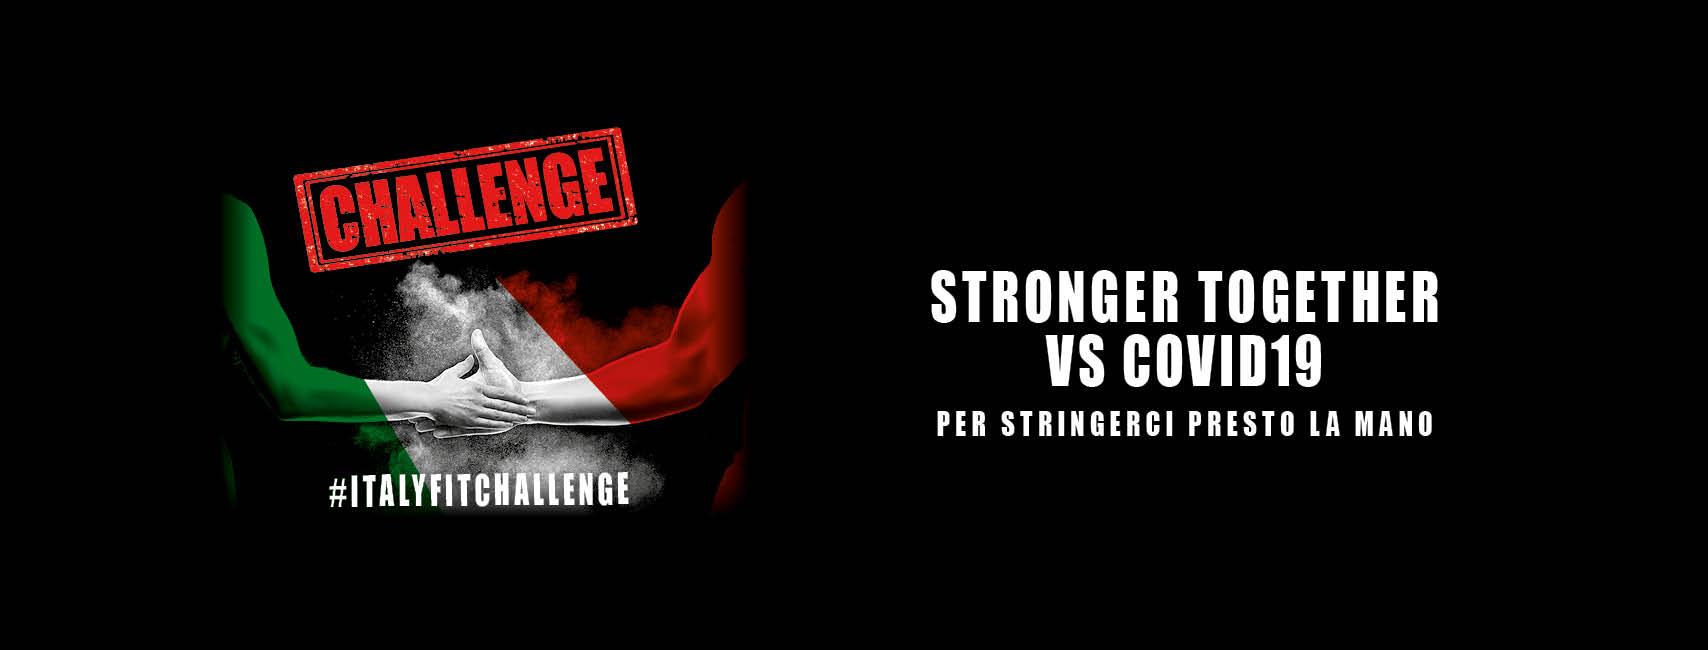 Italy Fit Challenge: il mondo del fitness unito contro il Covid-19